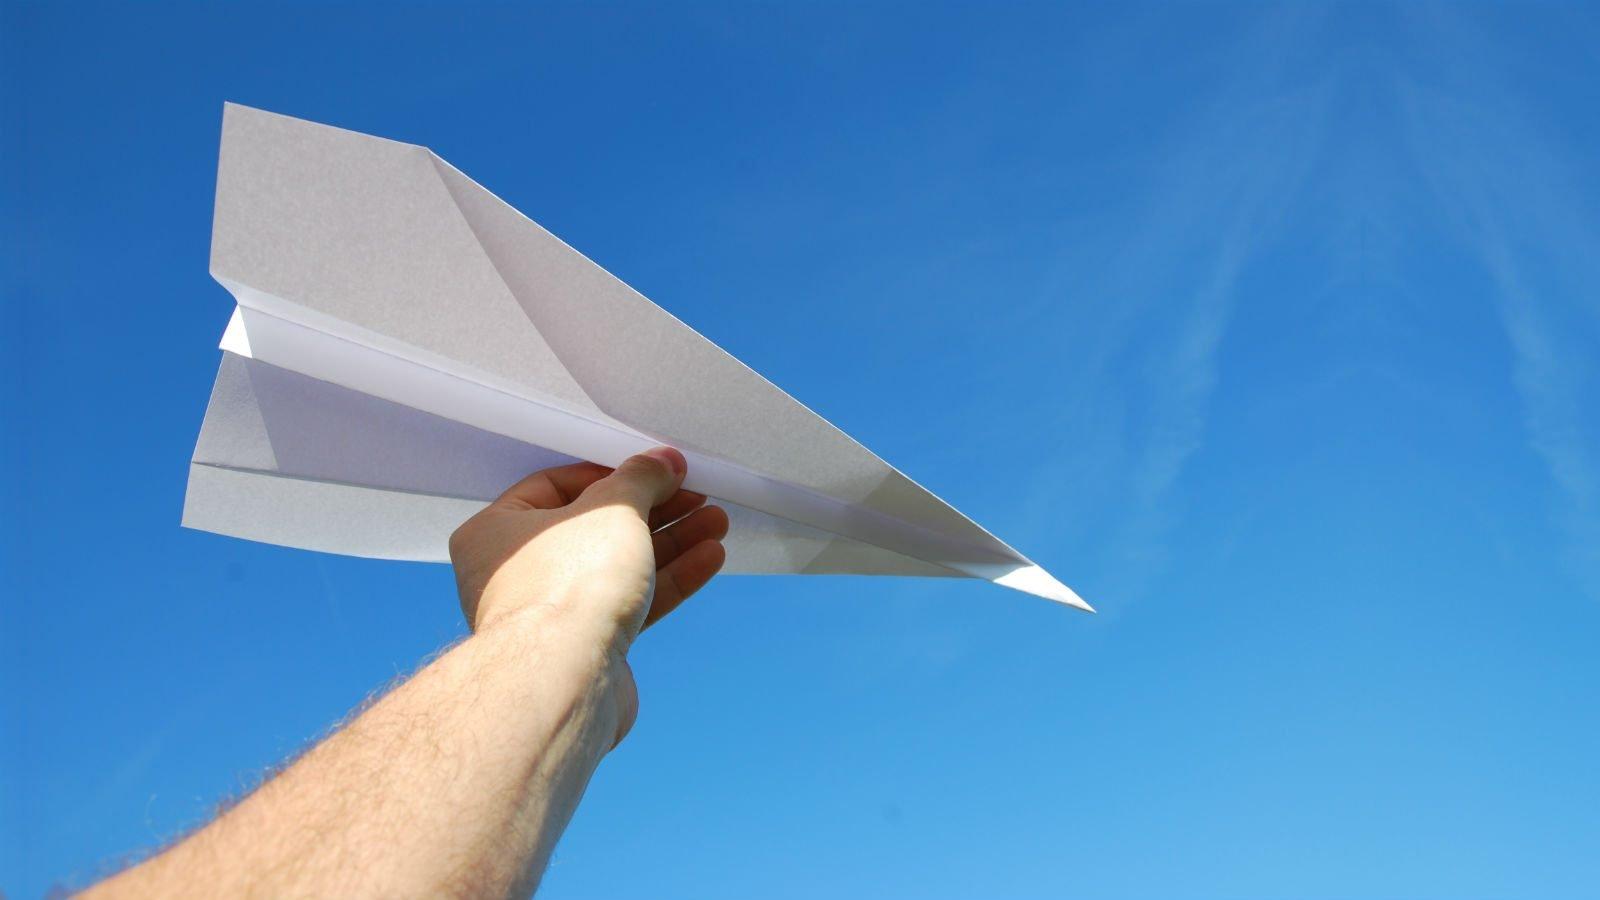 Papirfly: Byg en papirflyver der svæver langt